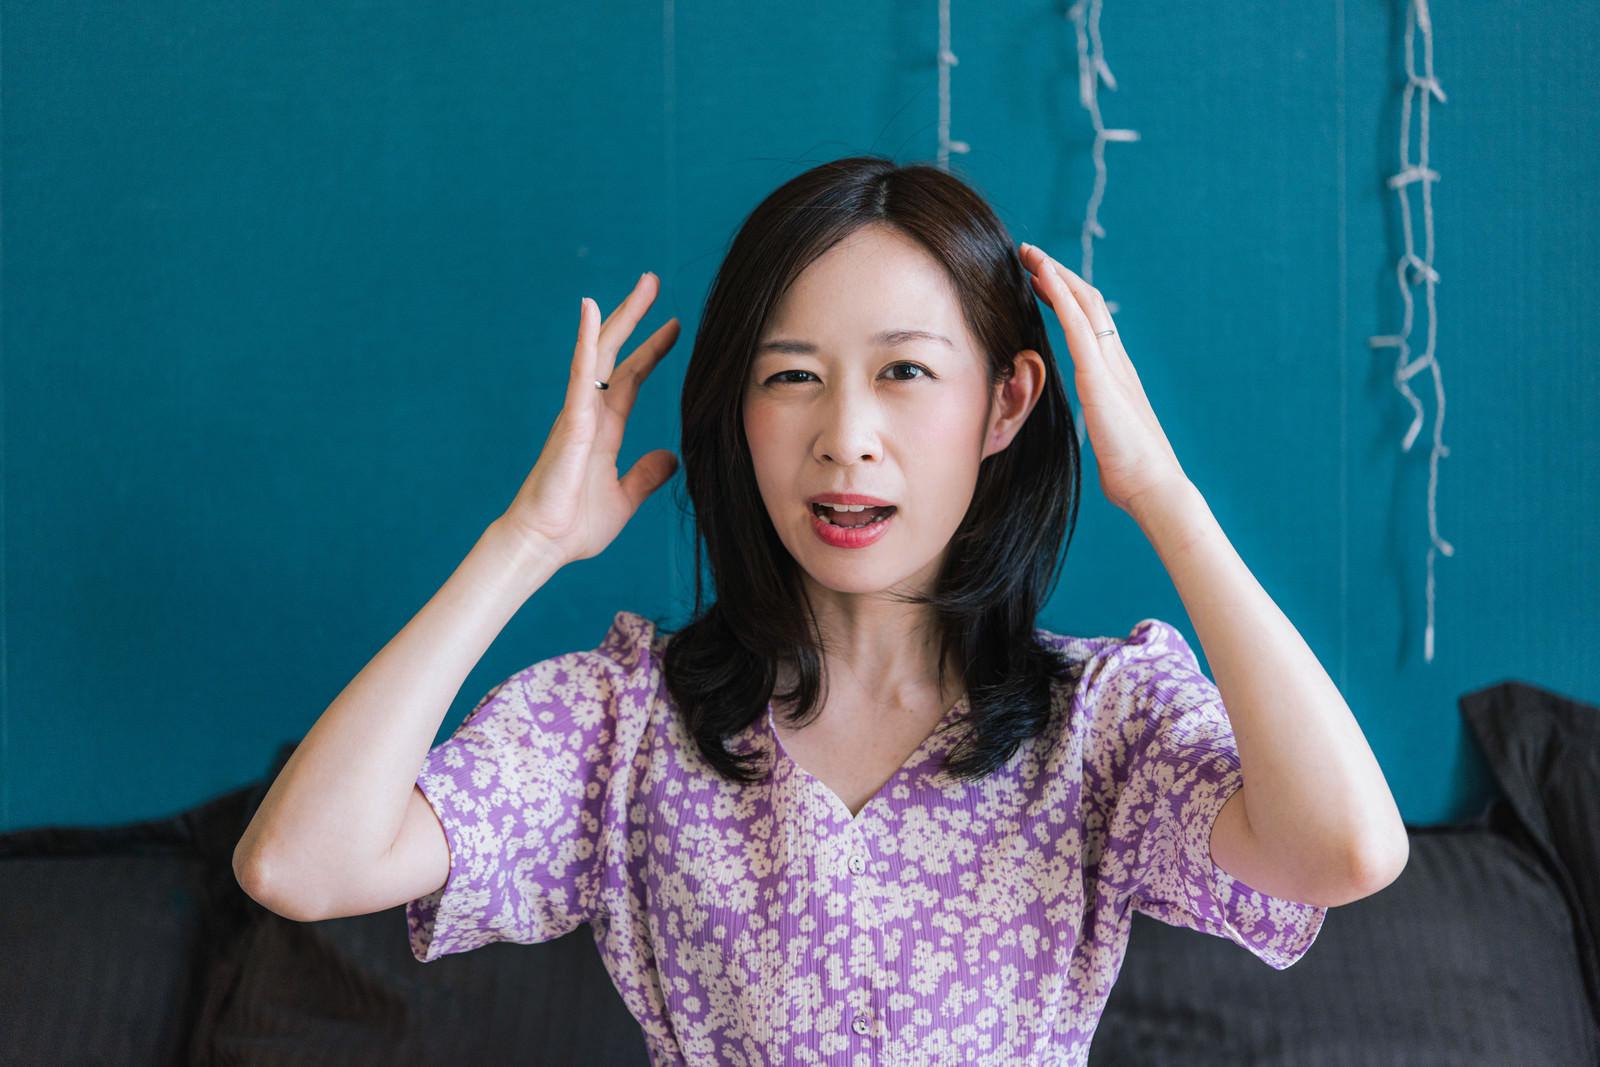 「失敗して頭を抱える女性」の写真